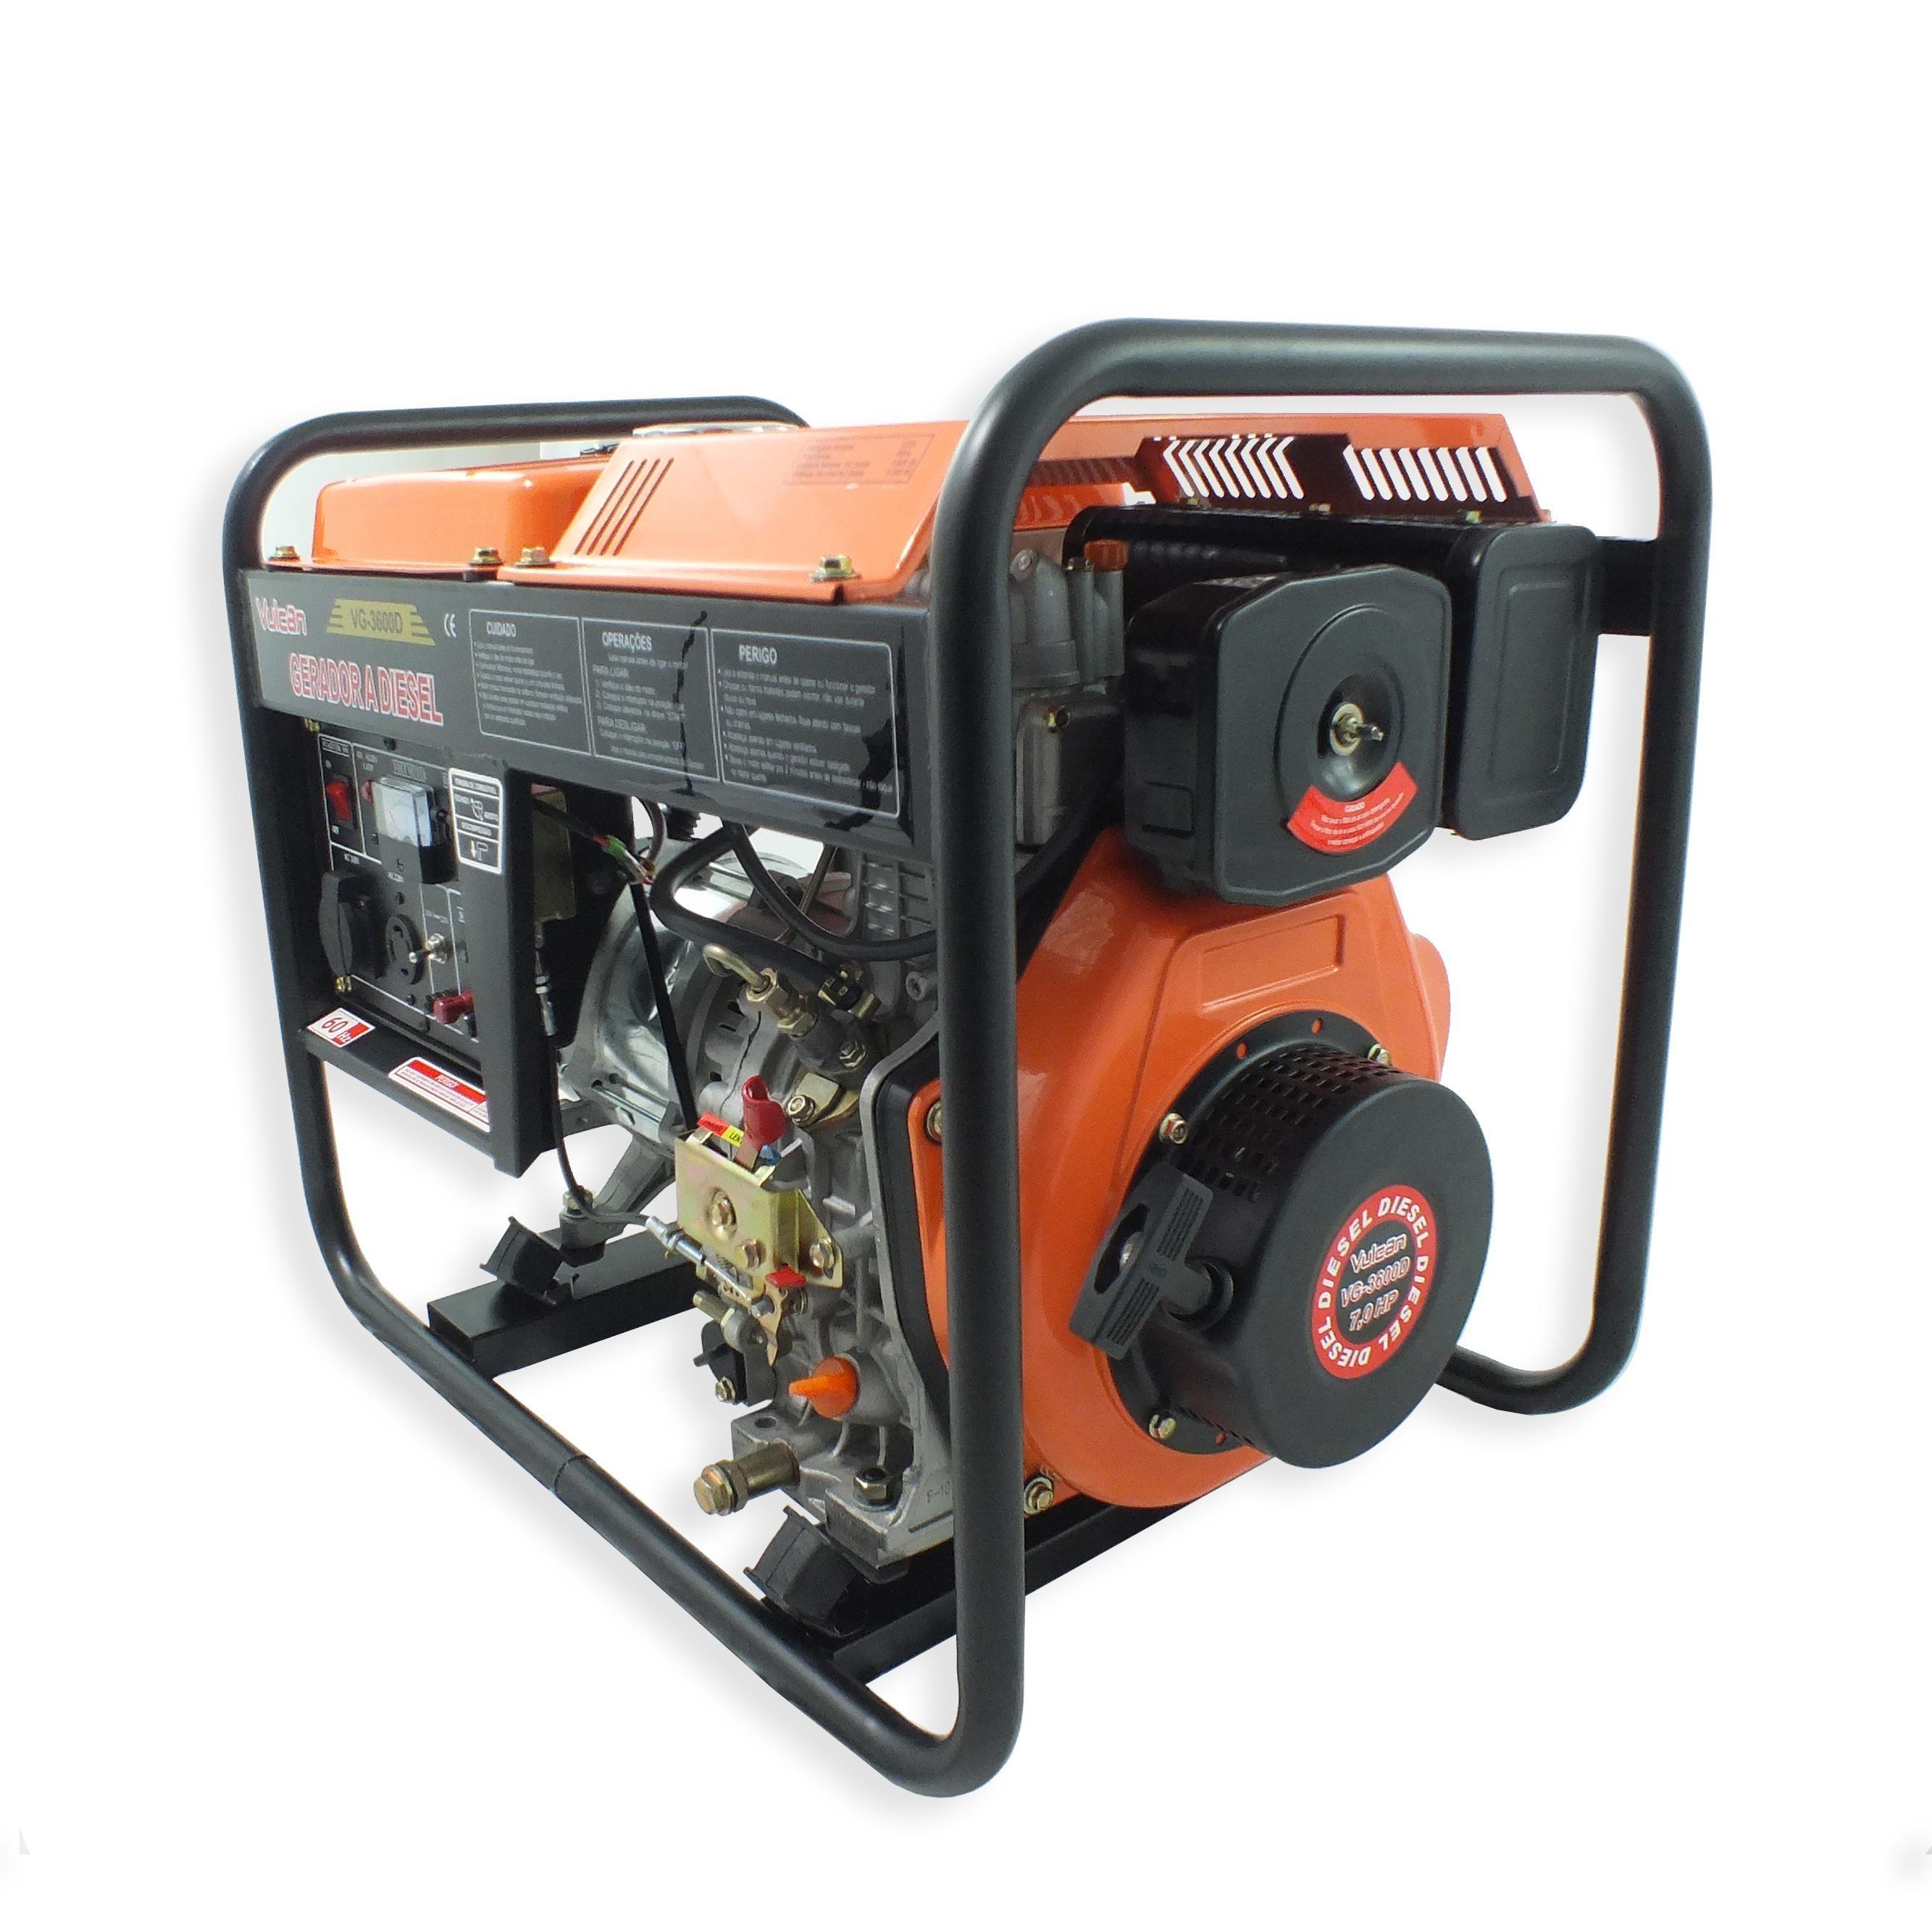 Gerador VG3600D VULCAN Diesel 269CC 7HP 3600W Bivolt com Partida Manual